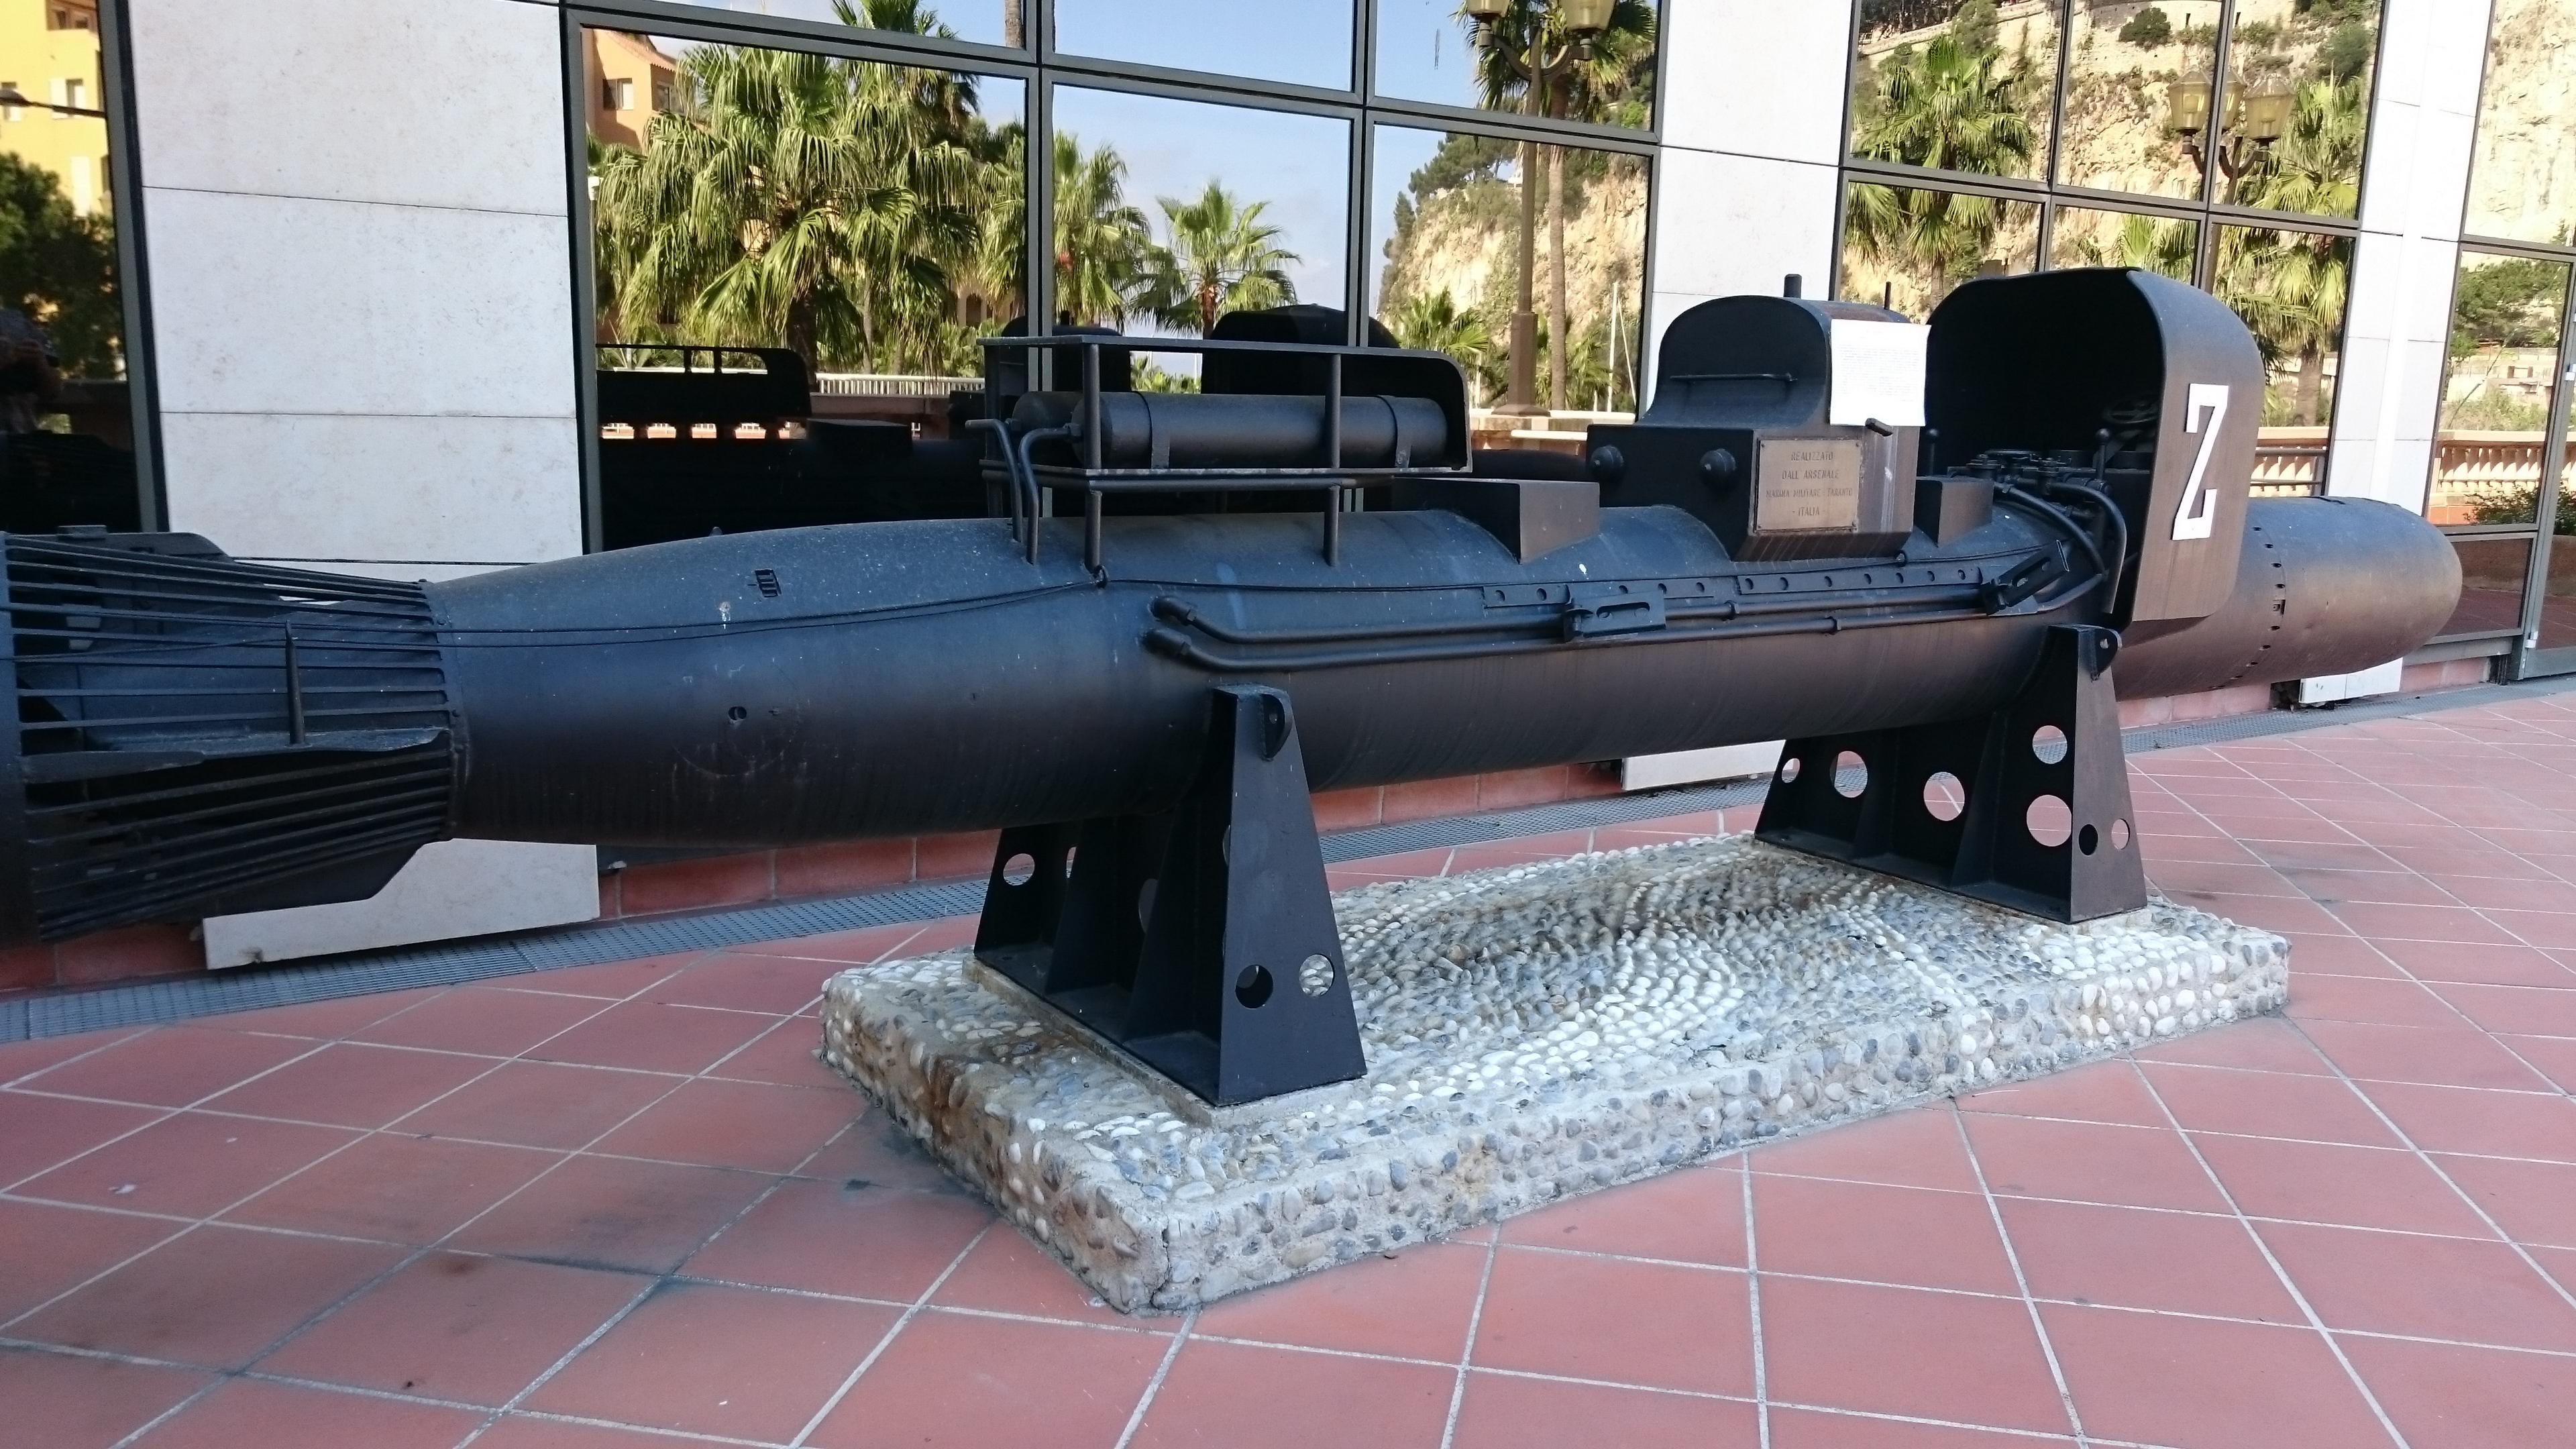 Submarino italiano, Museo Naval